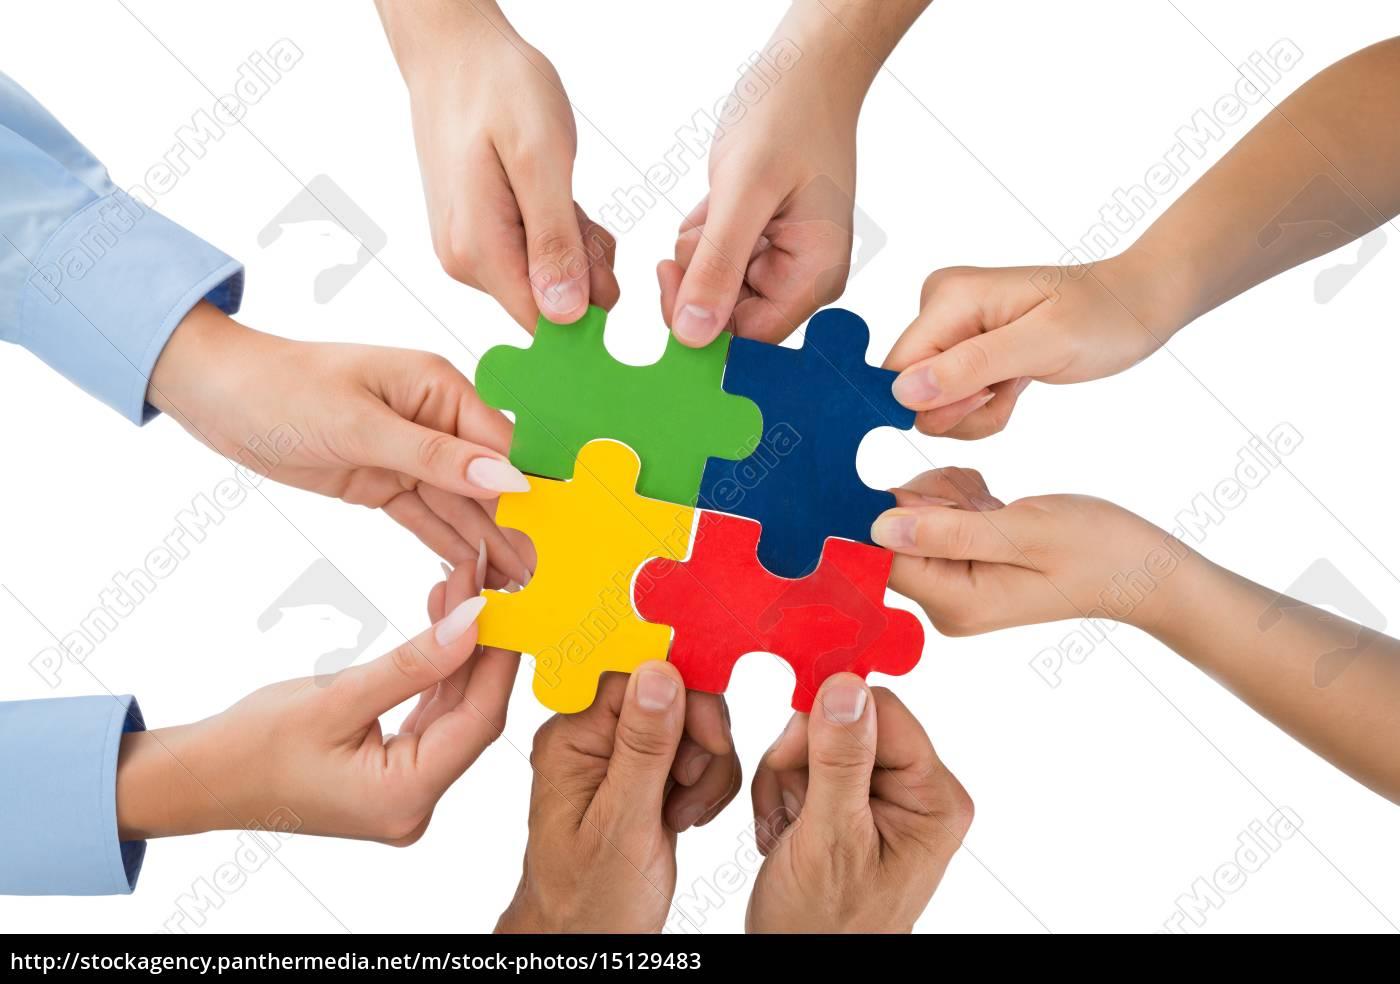 menschen, hand, in, hand, jigsaw, pieces - 15129483